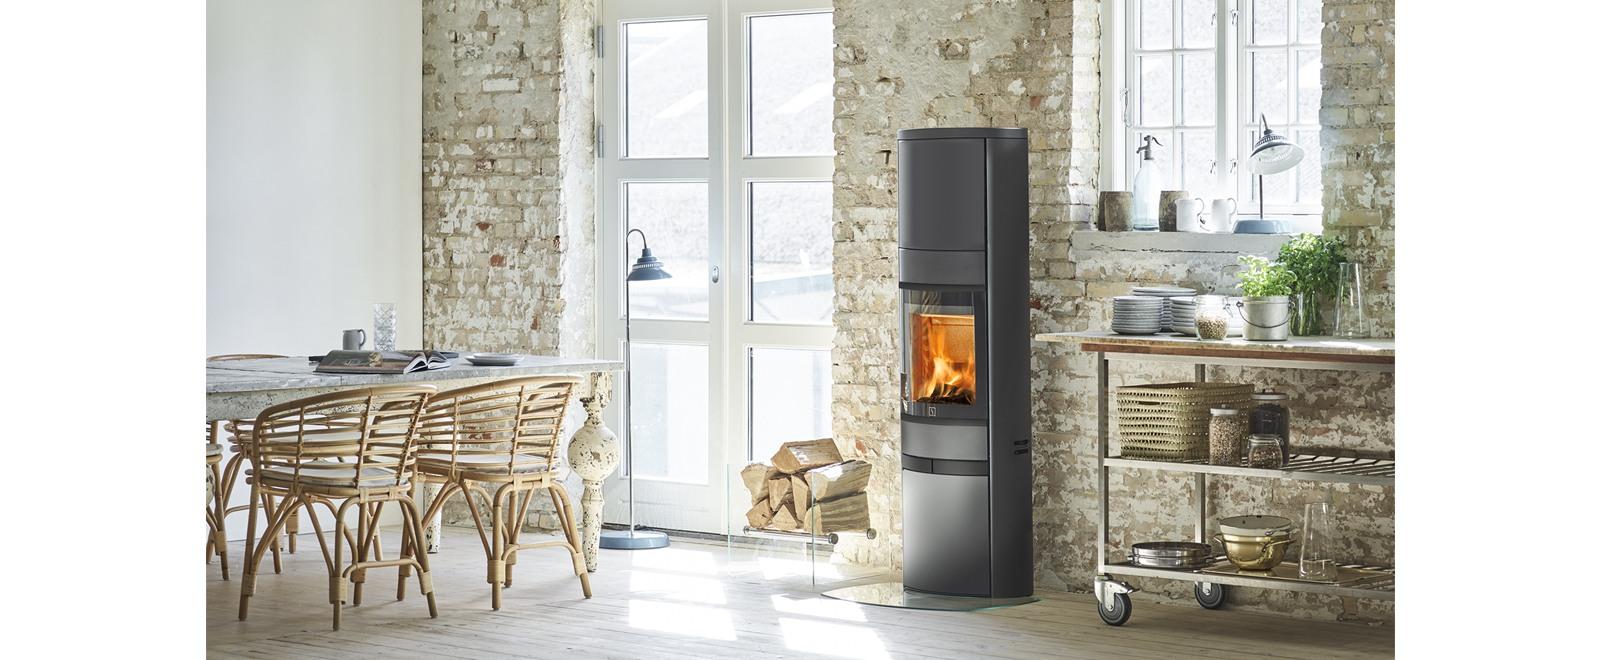 Scan 68 i stål i sort lakk med høy topp og sorte lister med plass til varmelagring i toppen. Peisovn står elegant i et moderne dansk kjøkken.